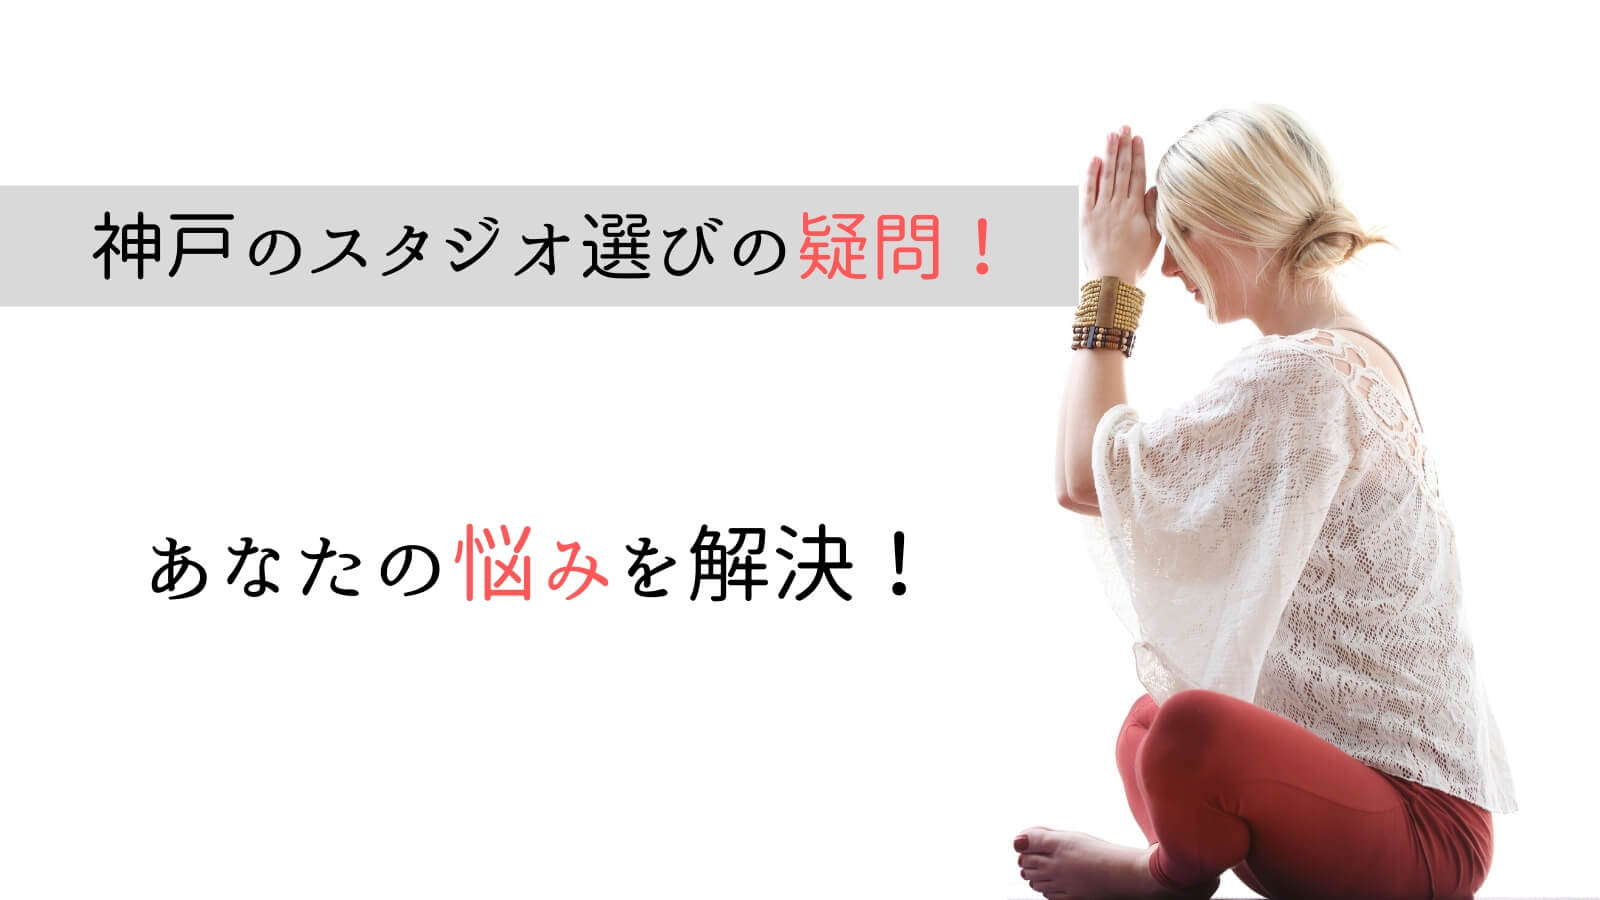 神戸でのホットヨガスタジオ選びに関するQ&A